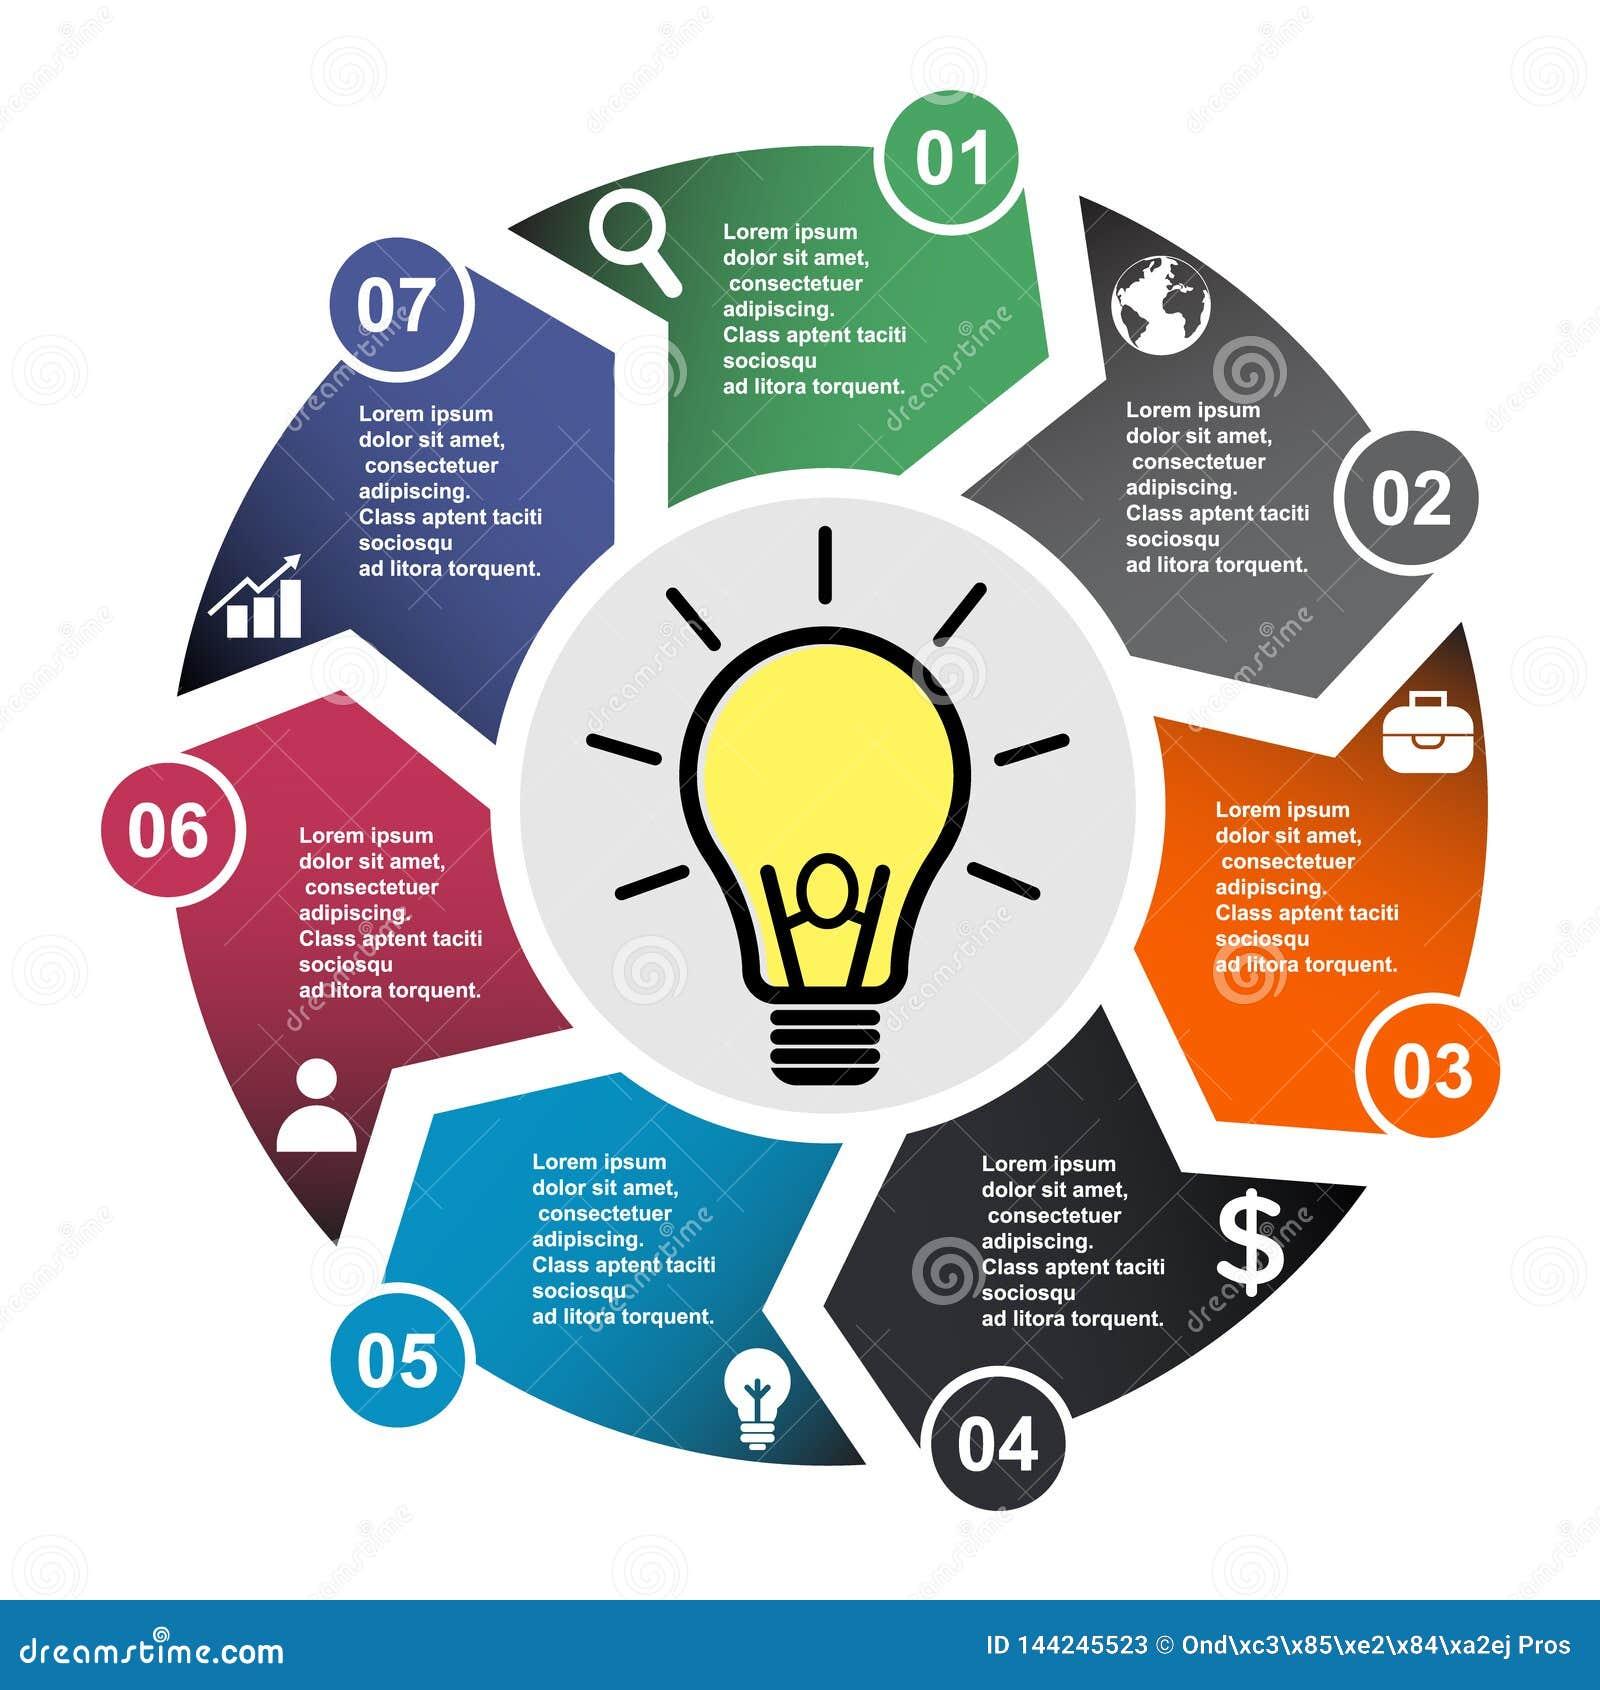 Vektorelement mit 7 Schritten in sieben Farben mit Aufklebern, infographic Diagramm Geschäftskonzept von 7 Schritten oder von Wah